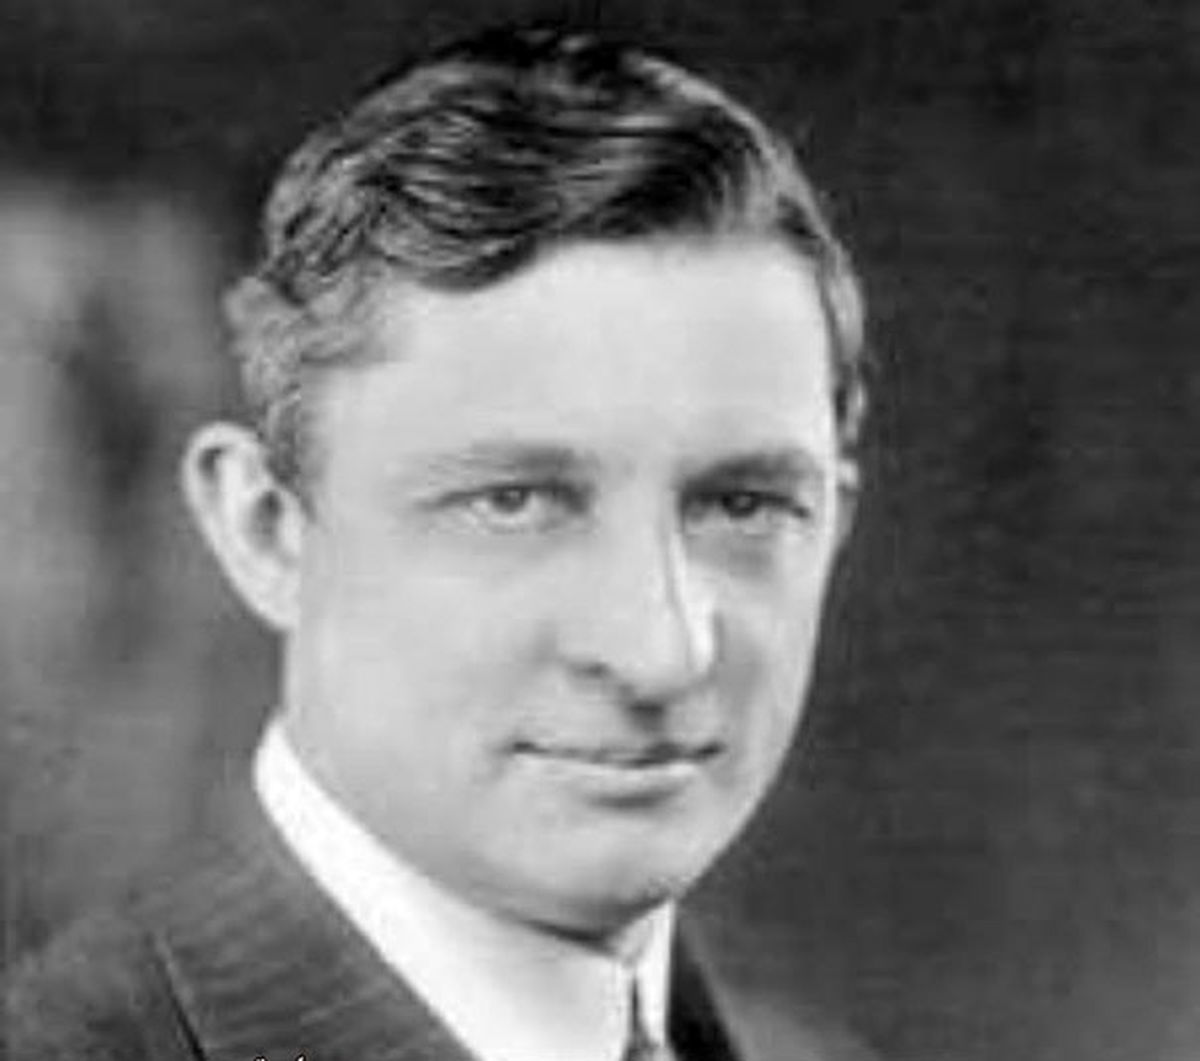 عکس ویلیس کریر مخترع کولر گازی